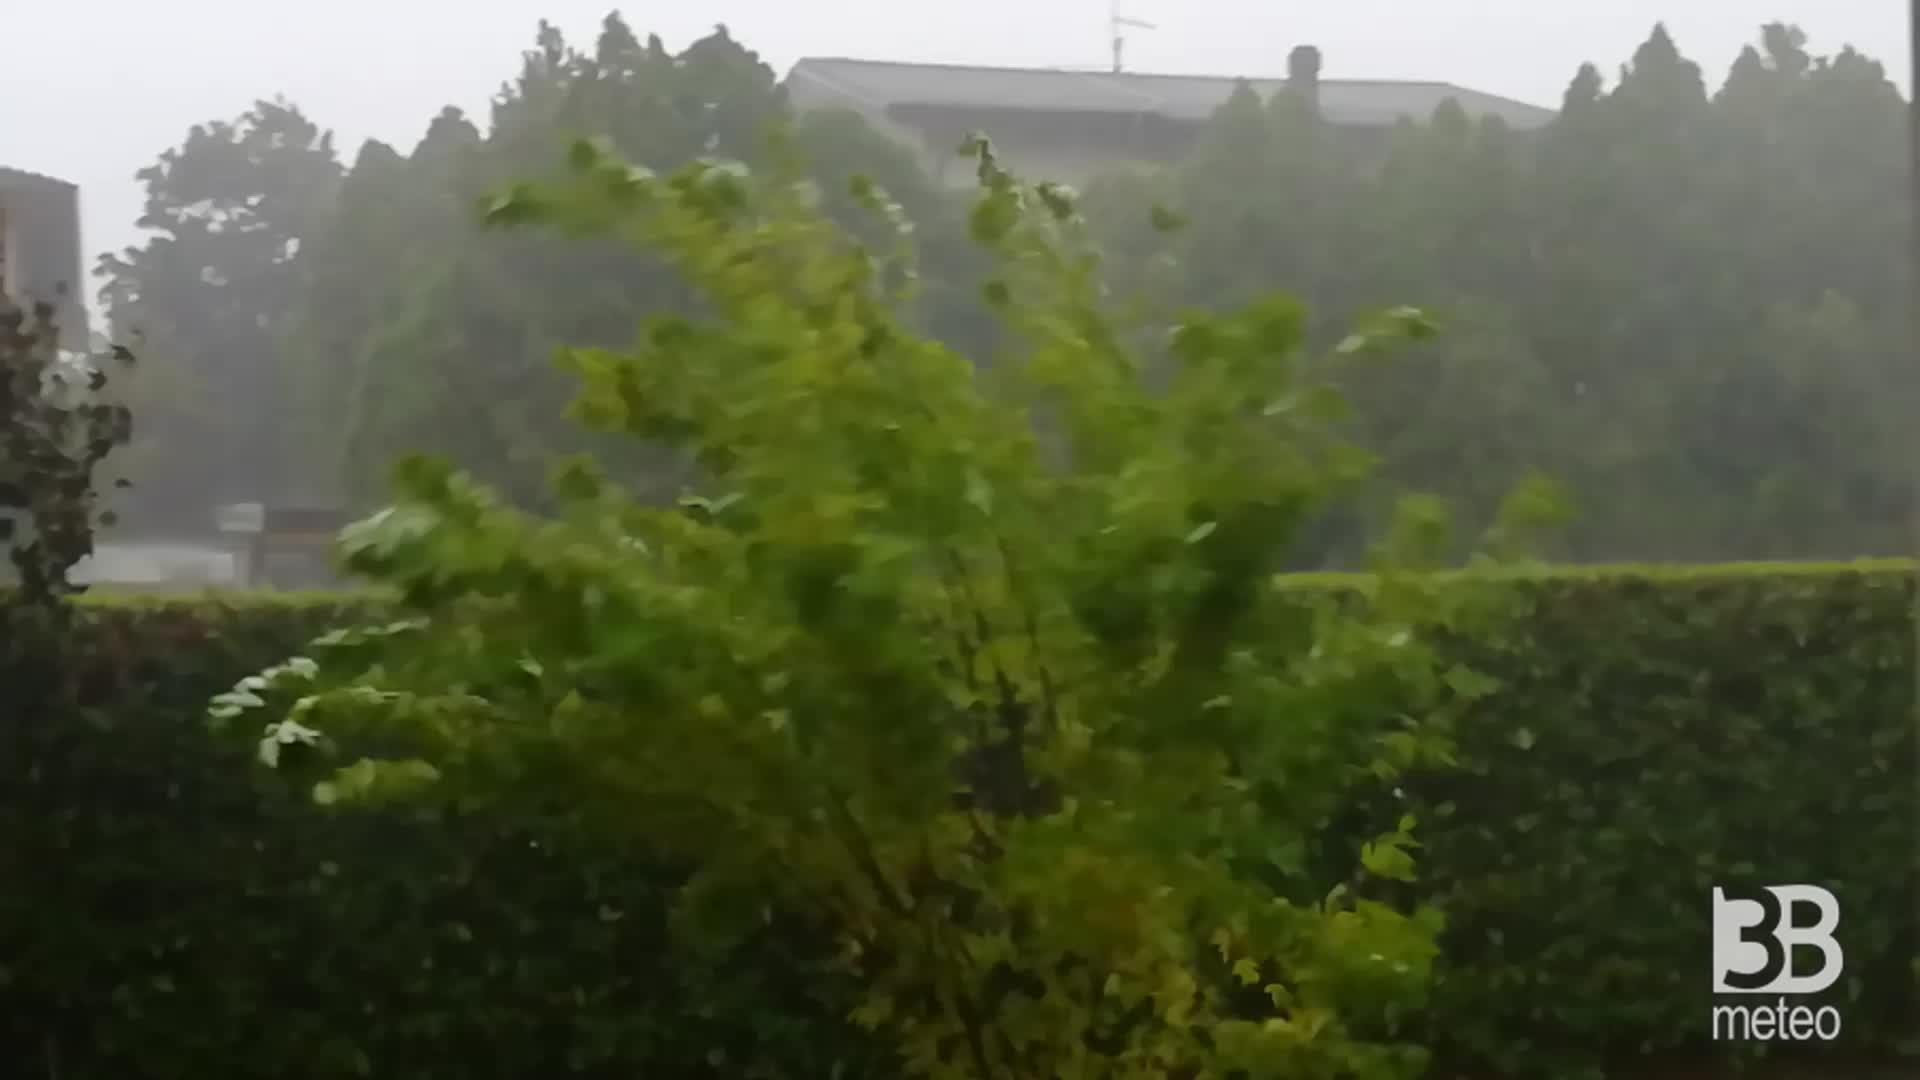 CRONACA METEO. Forti TEMPORALI venerdì in provincia di VENEZIA. La situazione a Marcon - VIDEO